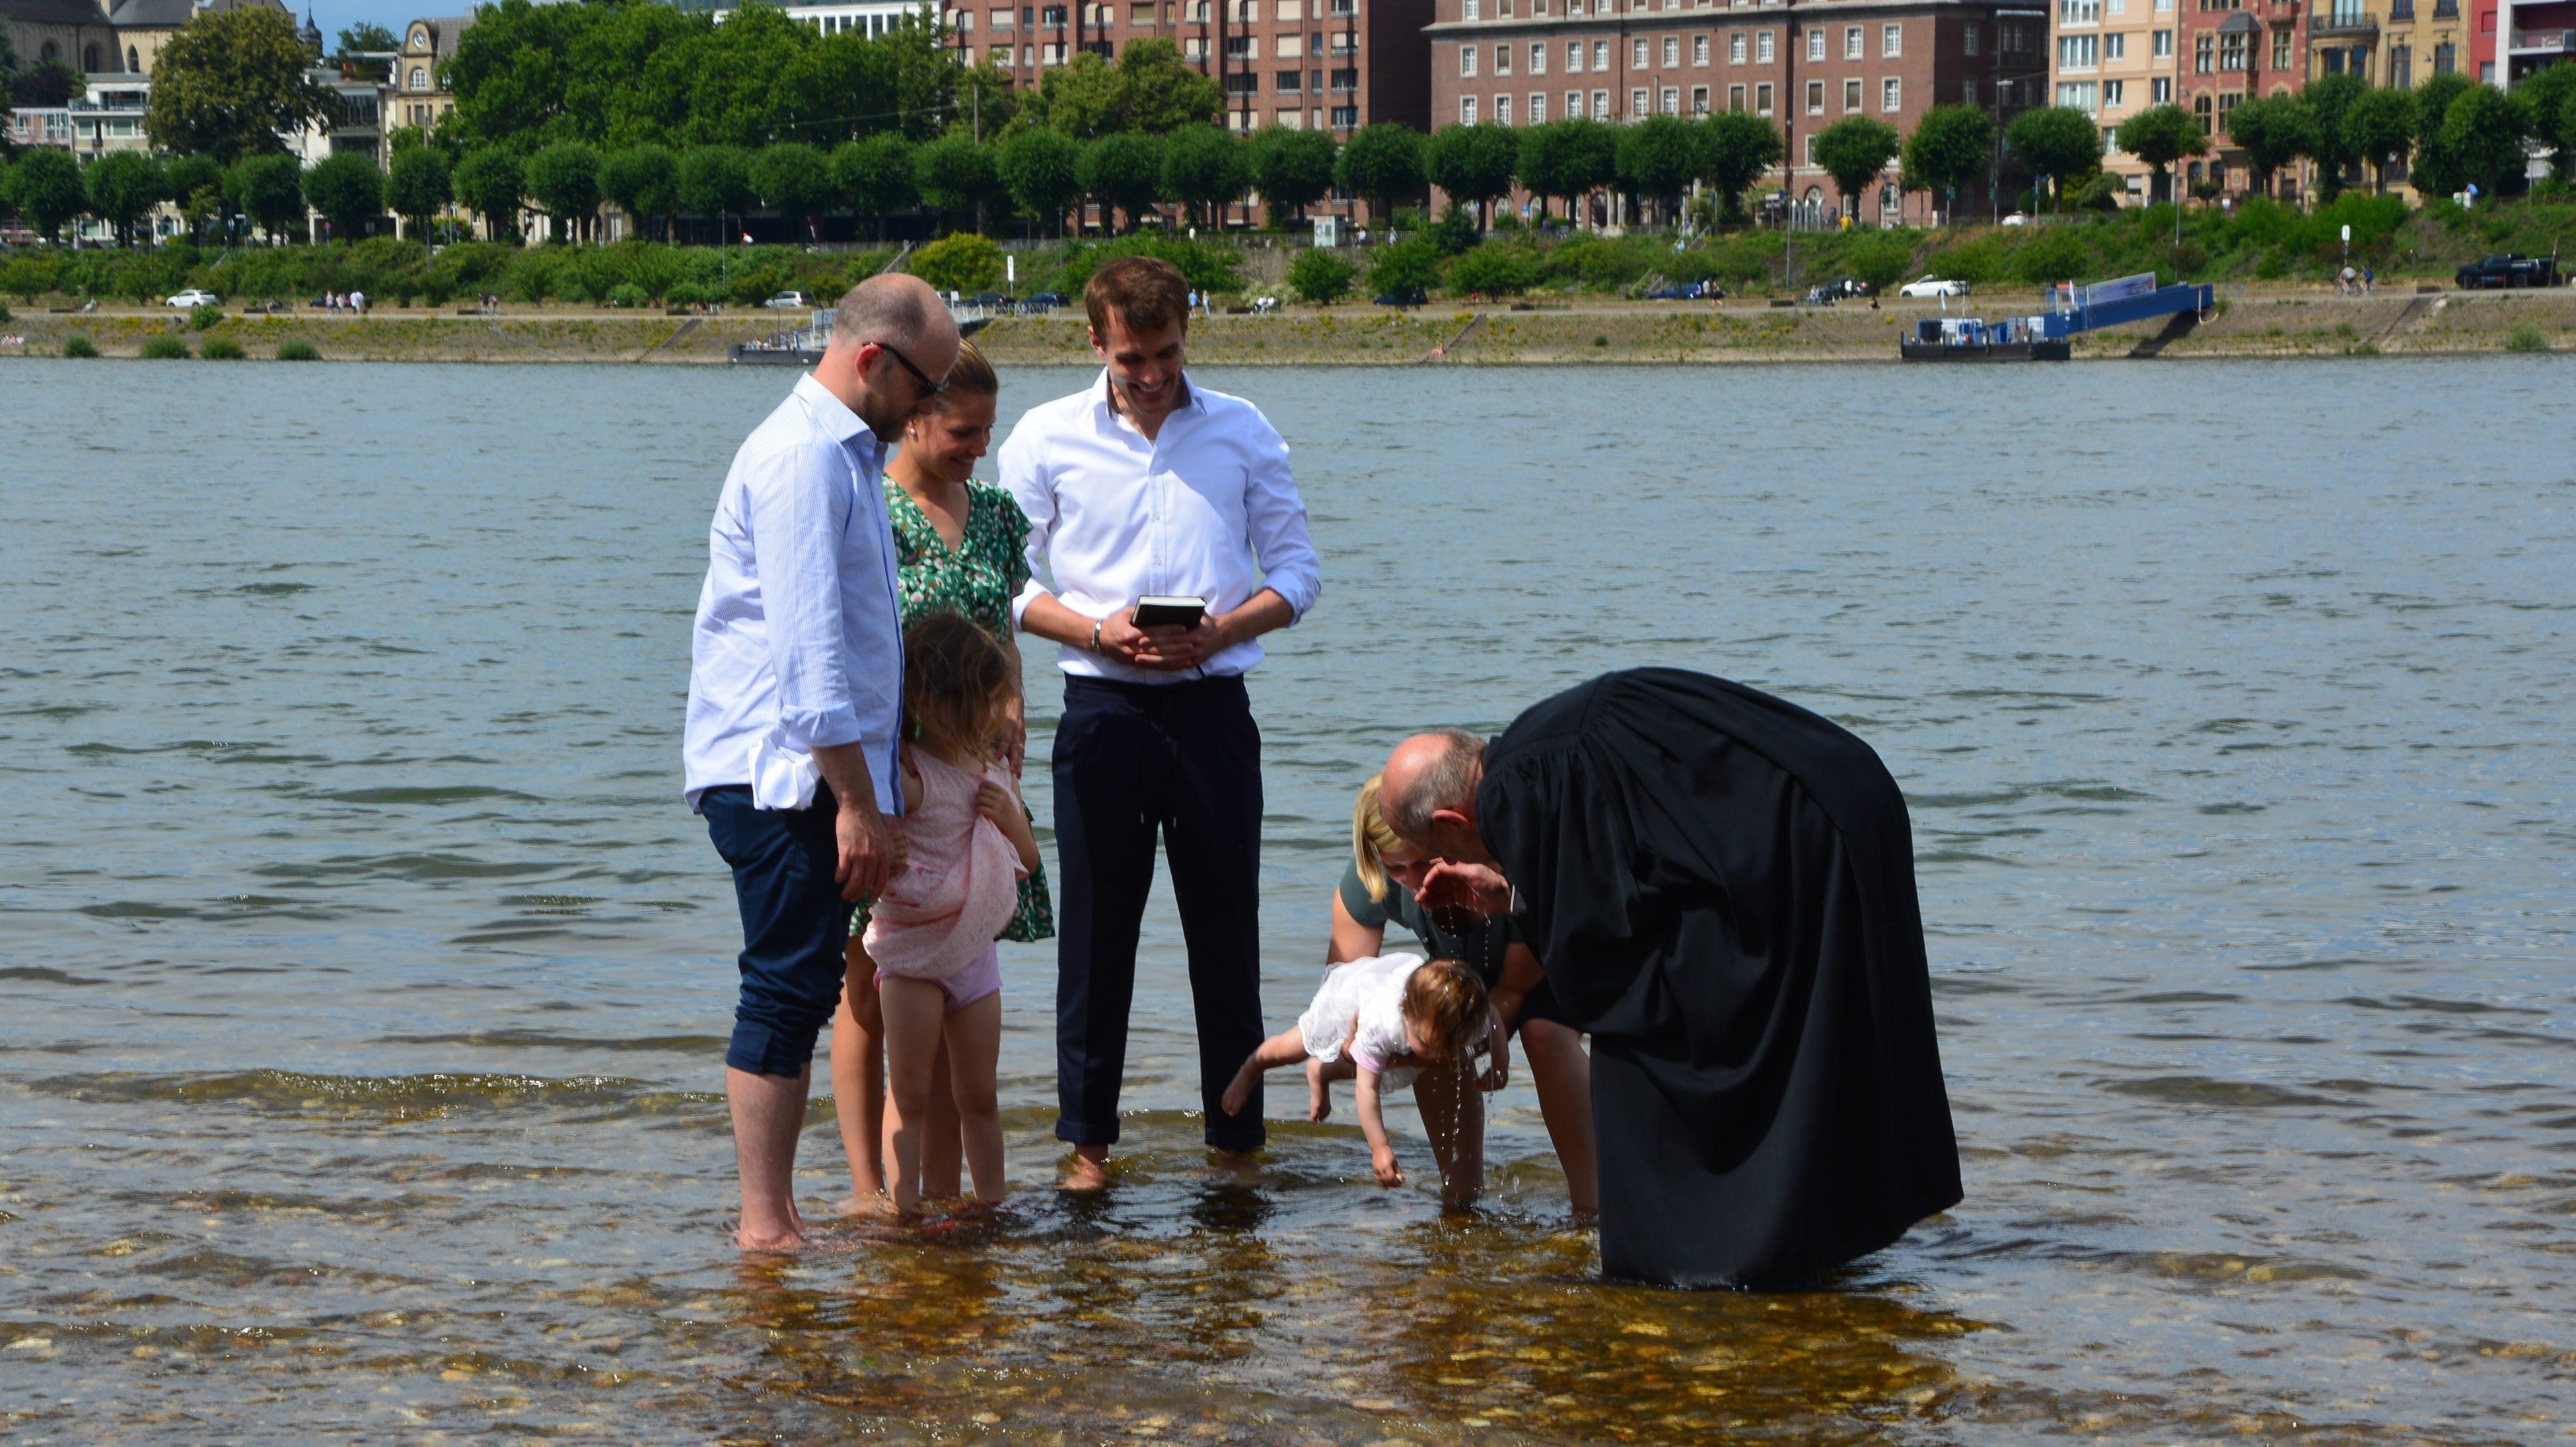 Ganz viel Rhein und trotzdem zu wenig Strom – Taufen unter strahlender Sonne